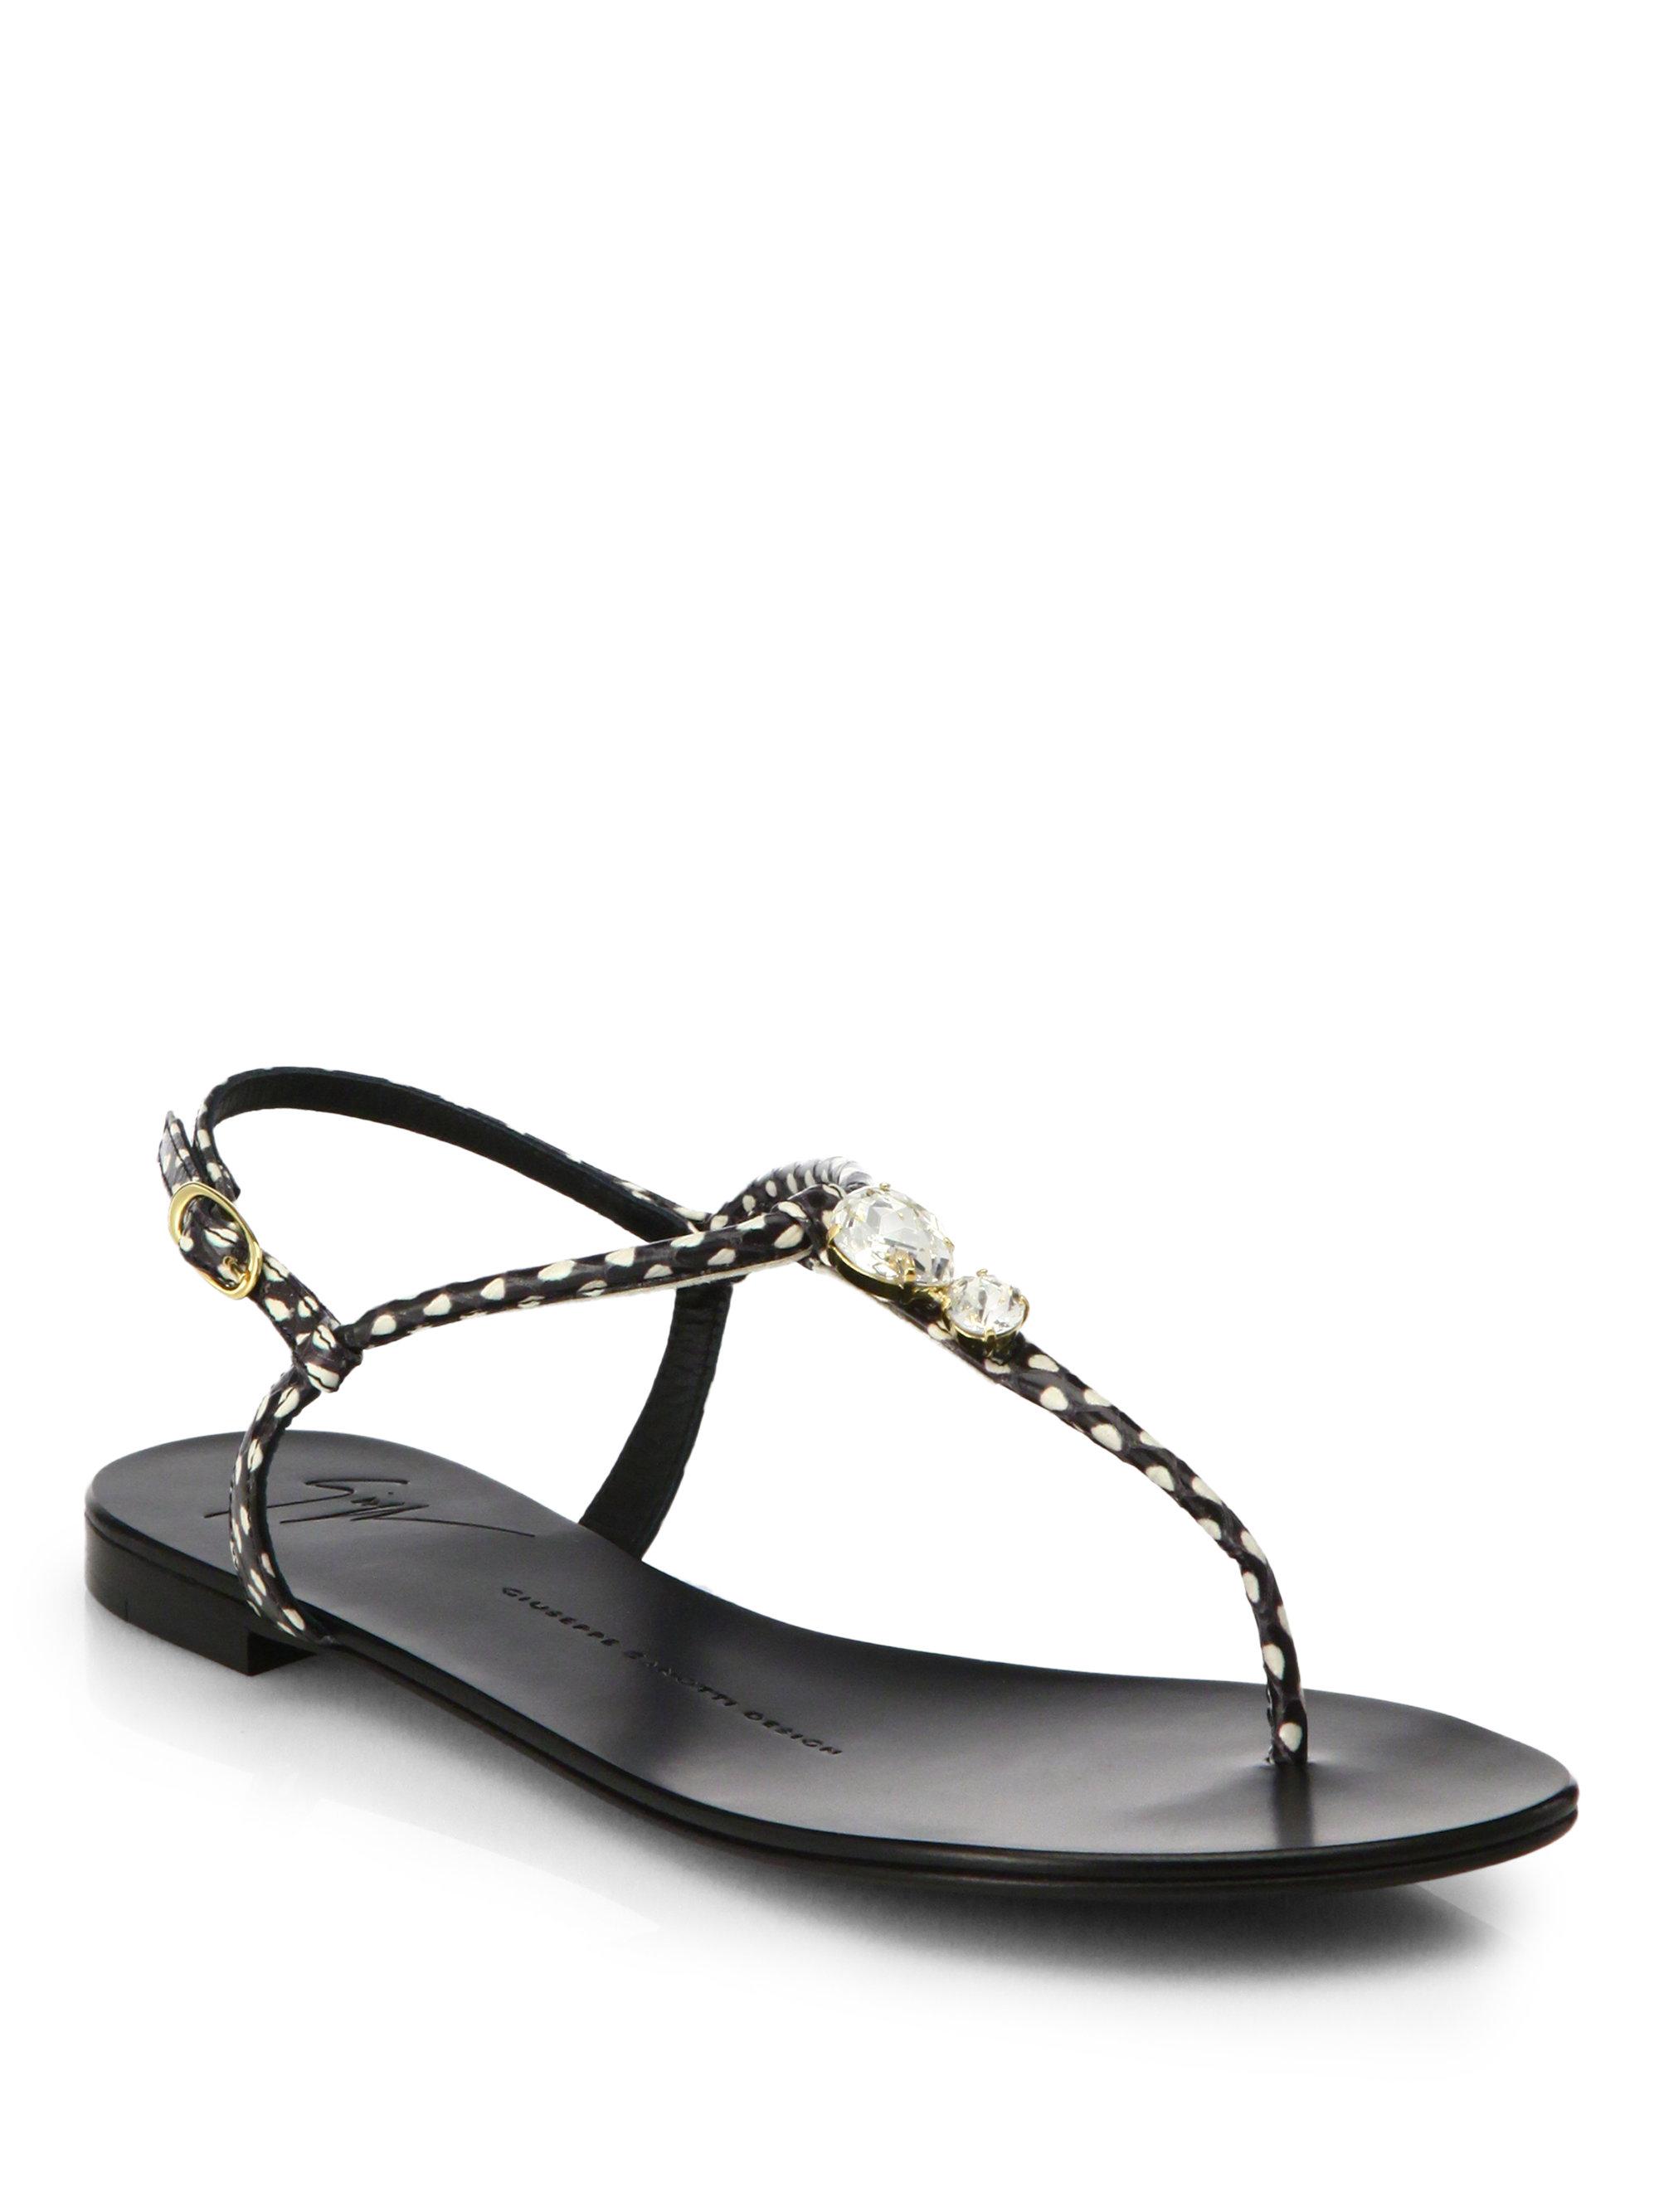 Giuseppe Zanotti Patent Jeweled Flat Thong Sandals, Black